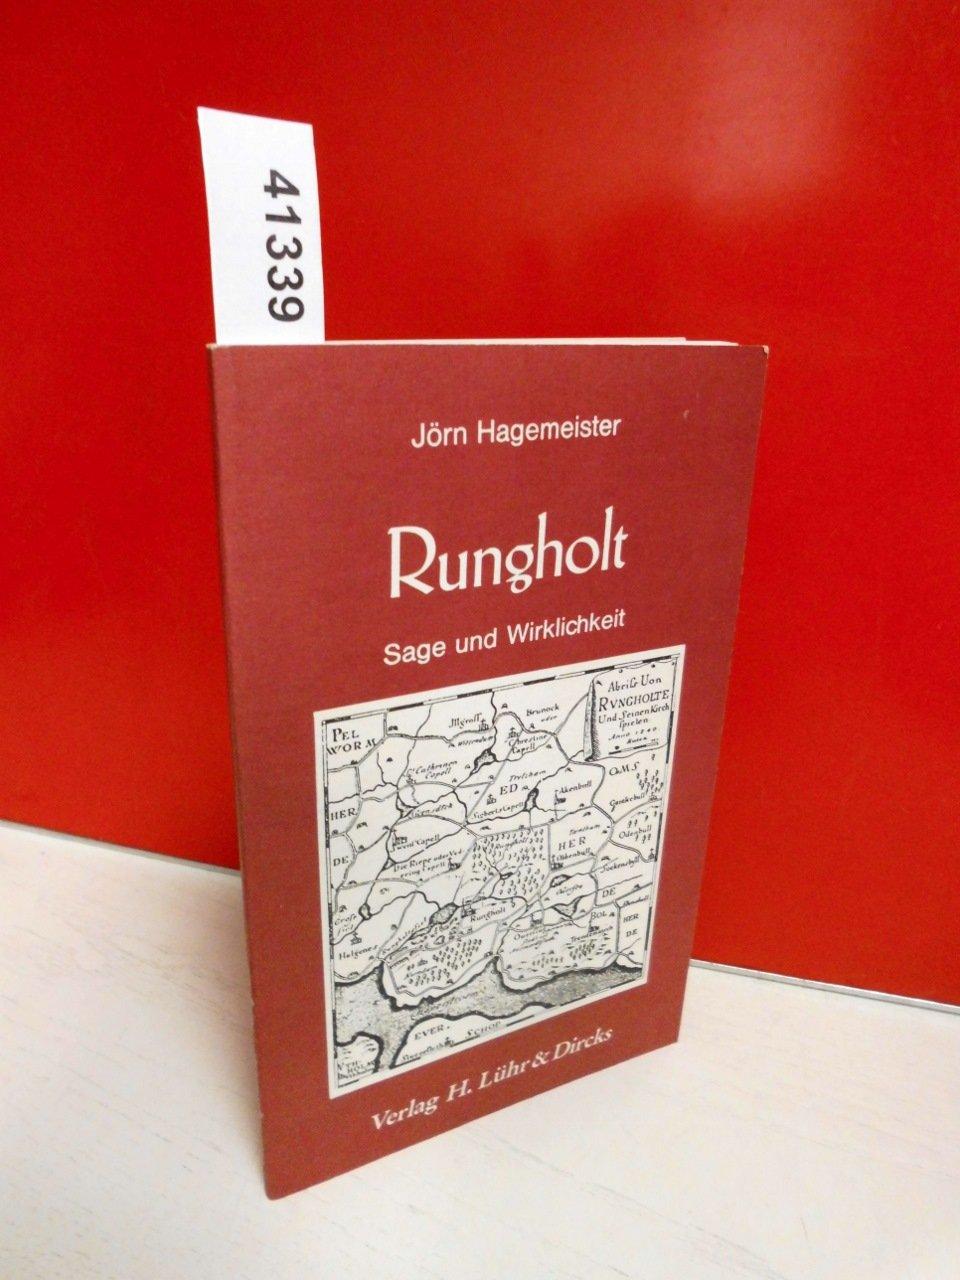 Rungholt: Sage und Wirklichkeit